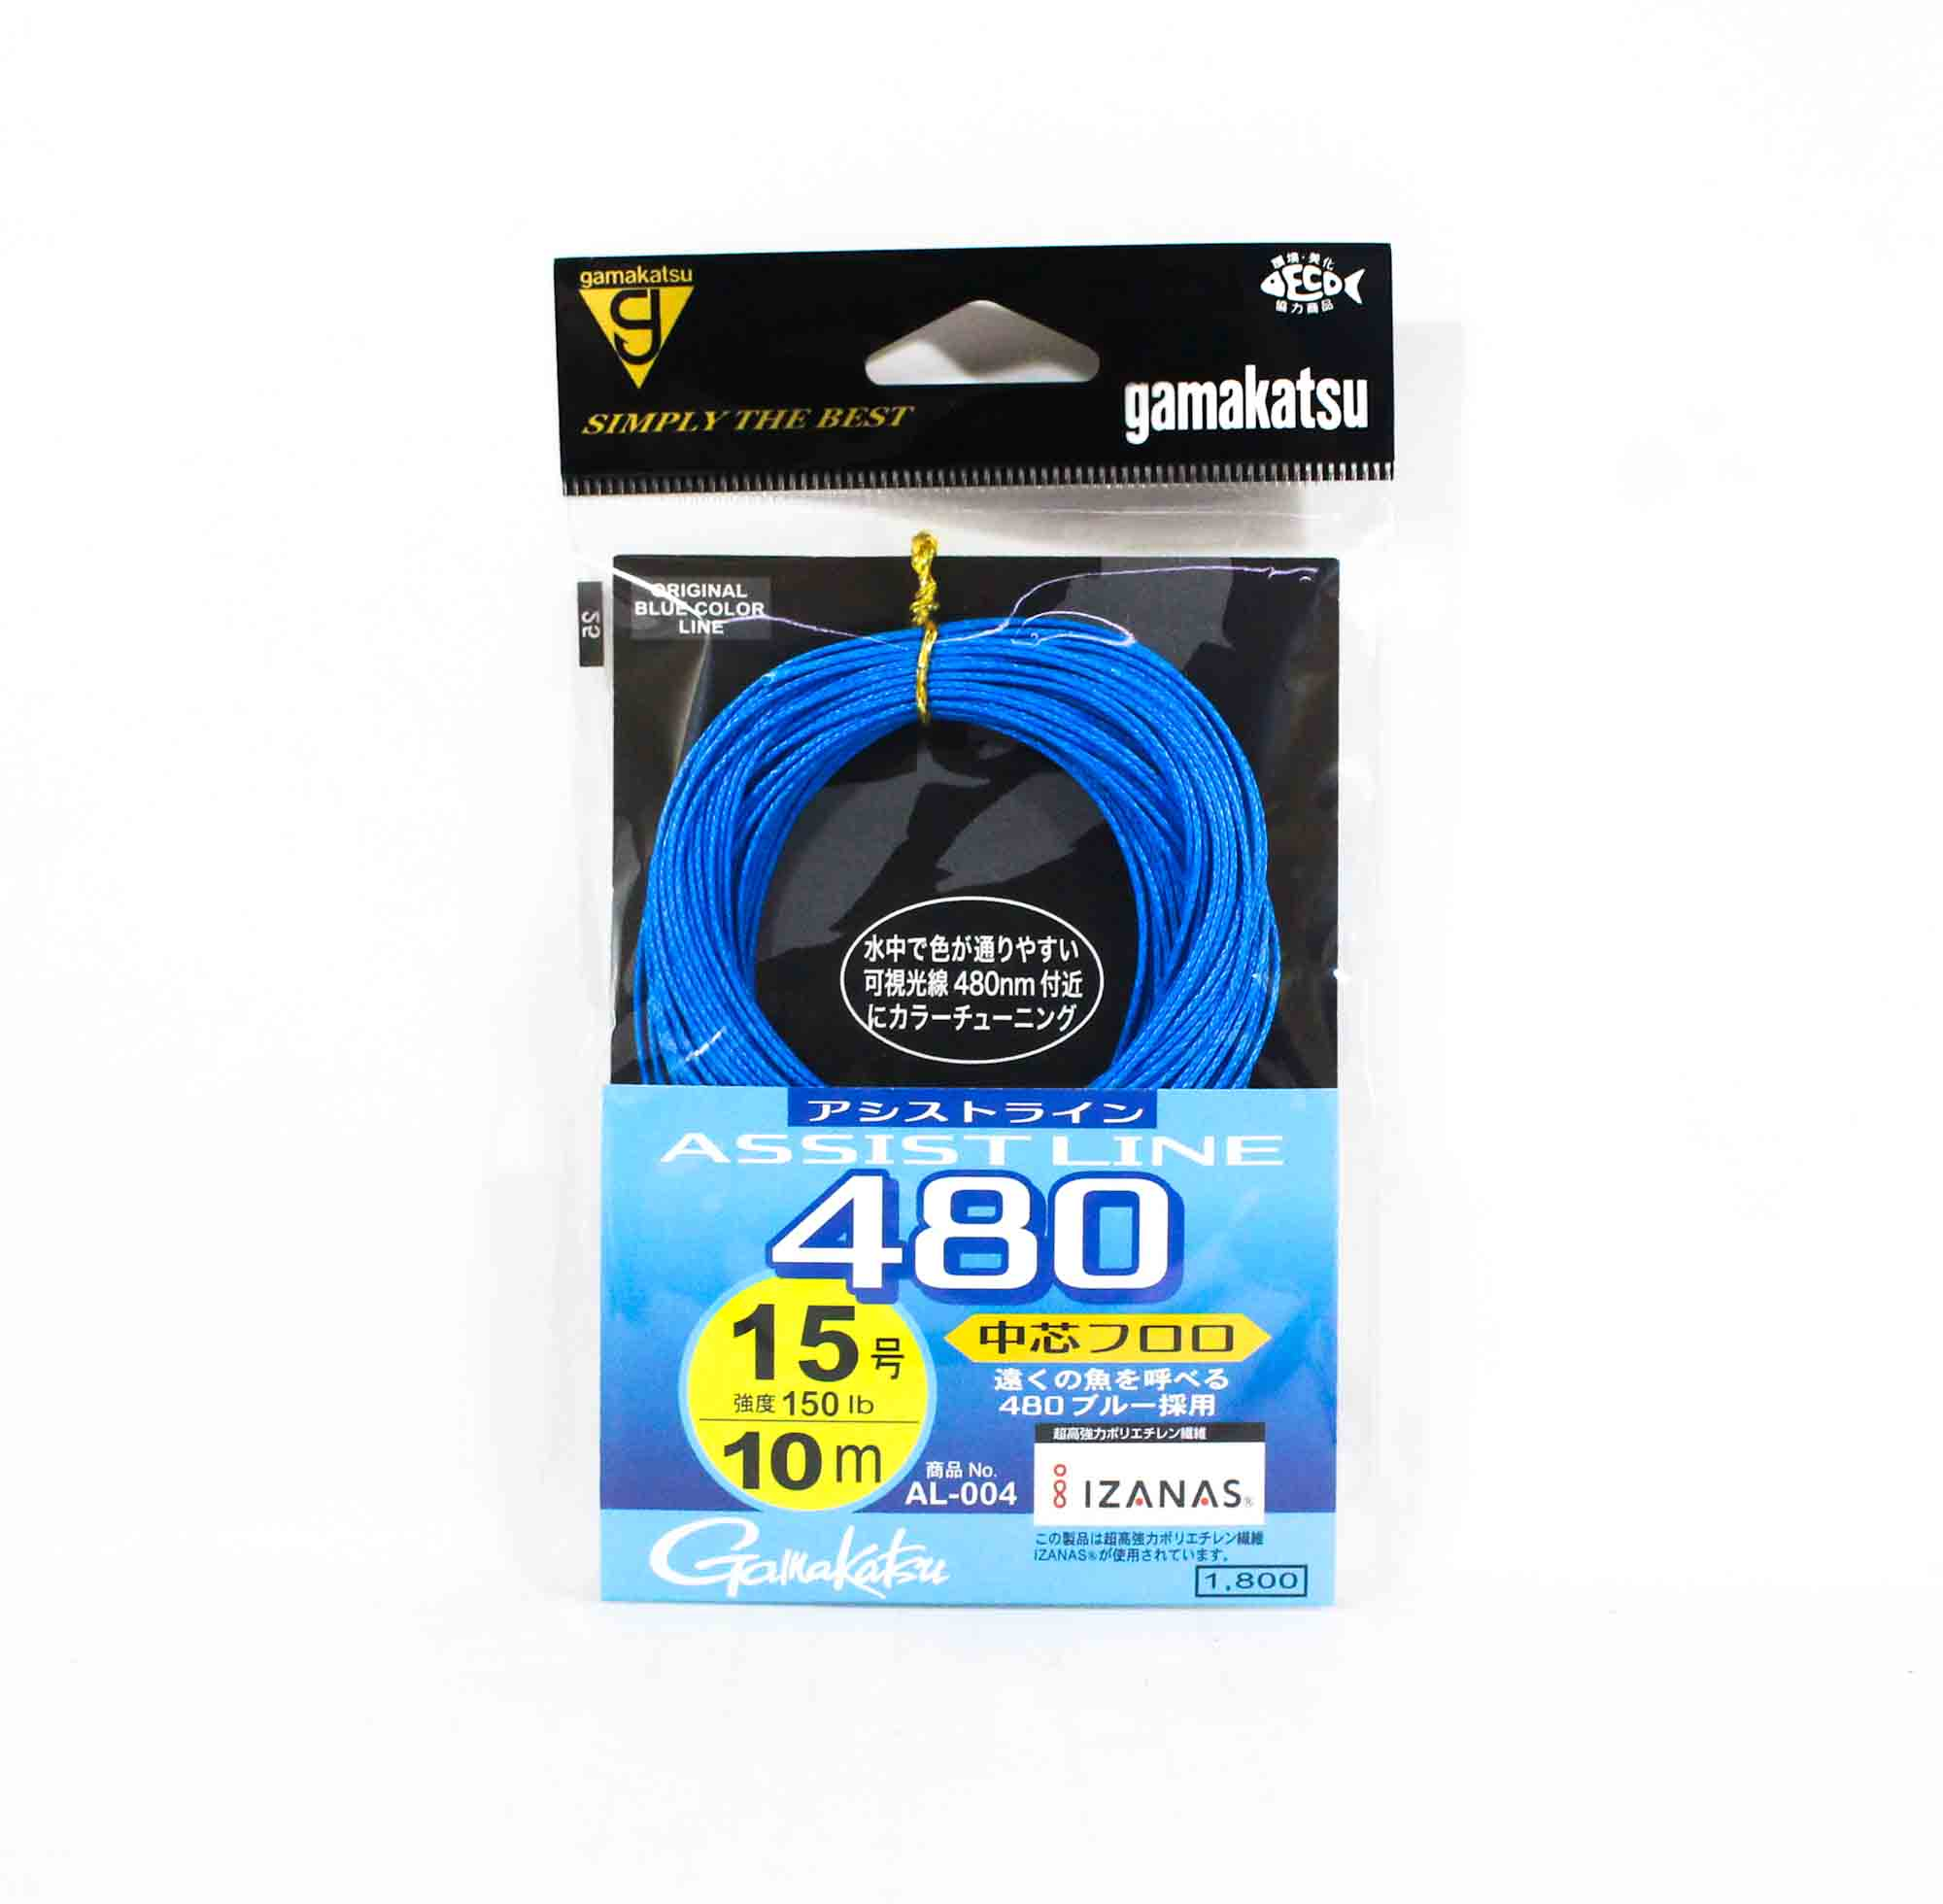 Gamakatsu 19305 AL004 Assist Line 480 Fluoro Core 10m Size 15 150lb (8593)